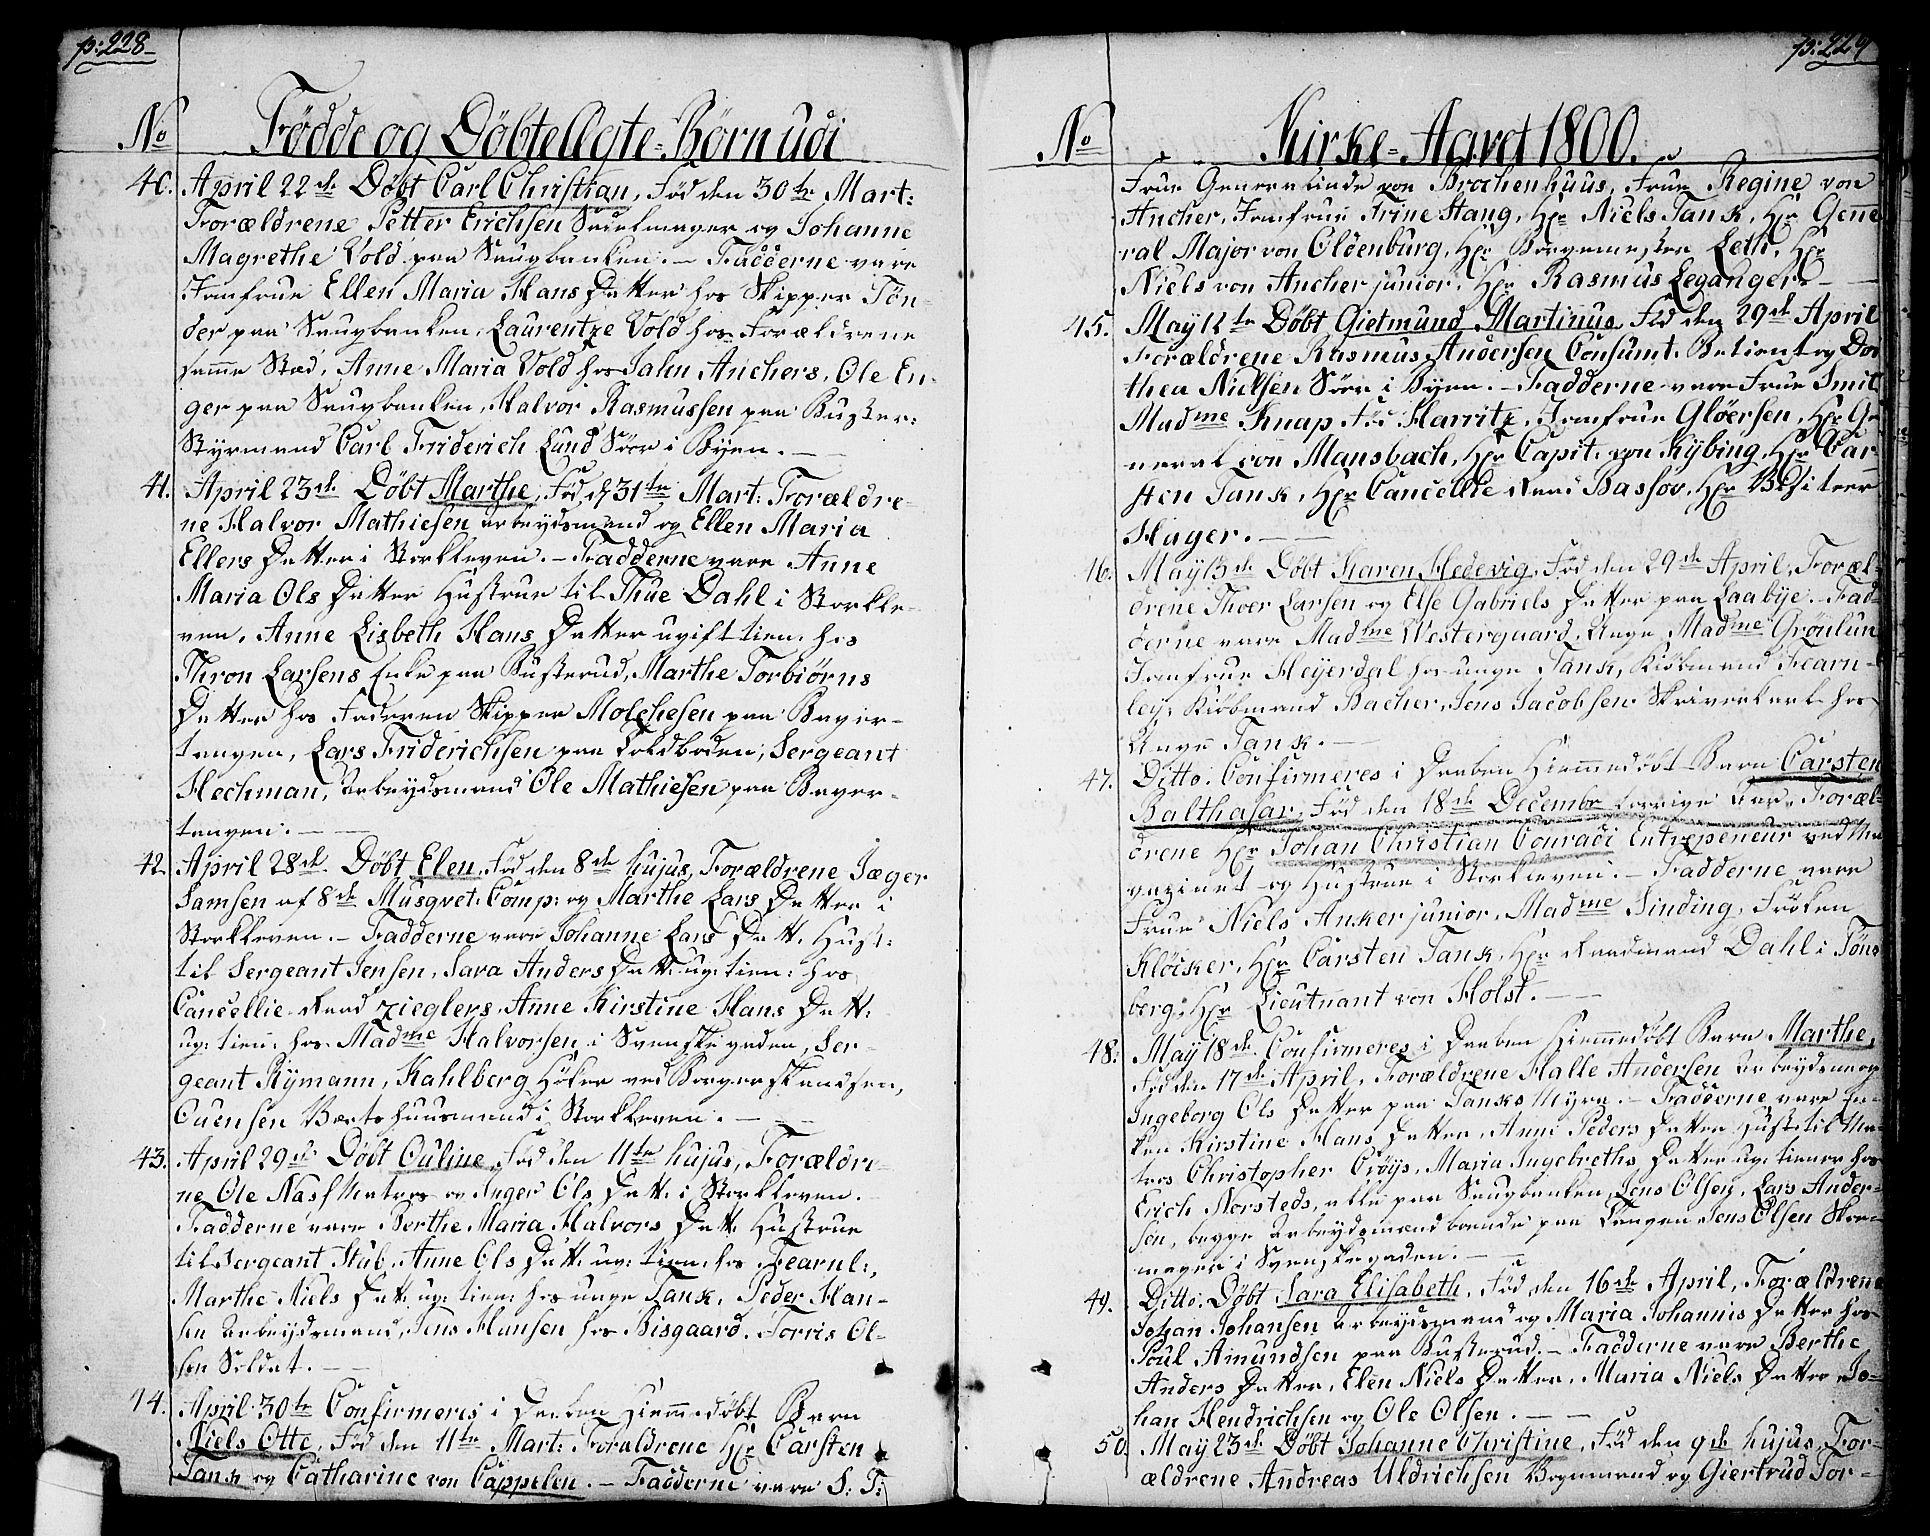 SAO, Halden prestekontor Kirkebøker, F/Fa/L0002: Ministerialbok nr. I 2, 1792-1812, s. 228-229